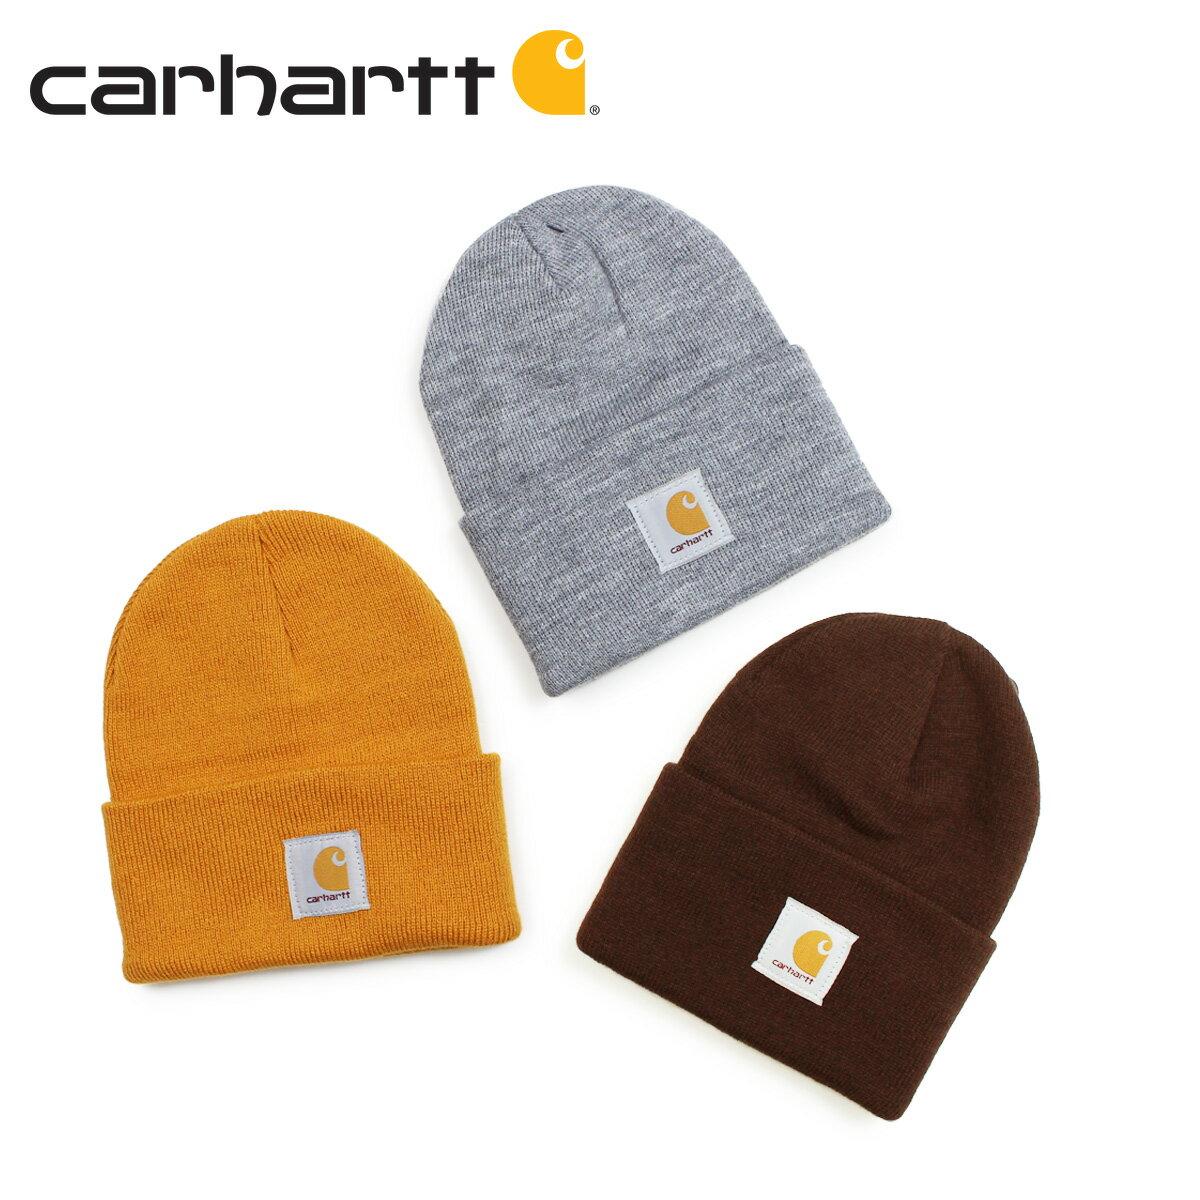 carhartt カーハート ニット帽 ニットキャップ ビーニー メンズ レディース ACRYLIC WATCH HAT グレー ダークブラウン ゴールド A18 [1/9 新入荷]